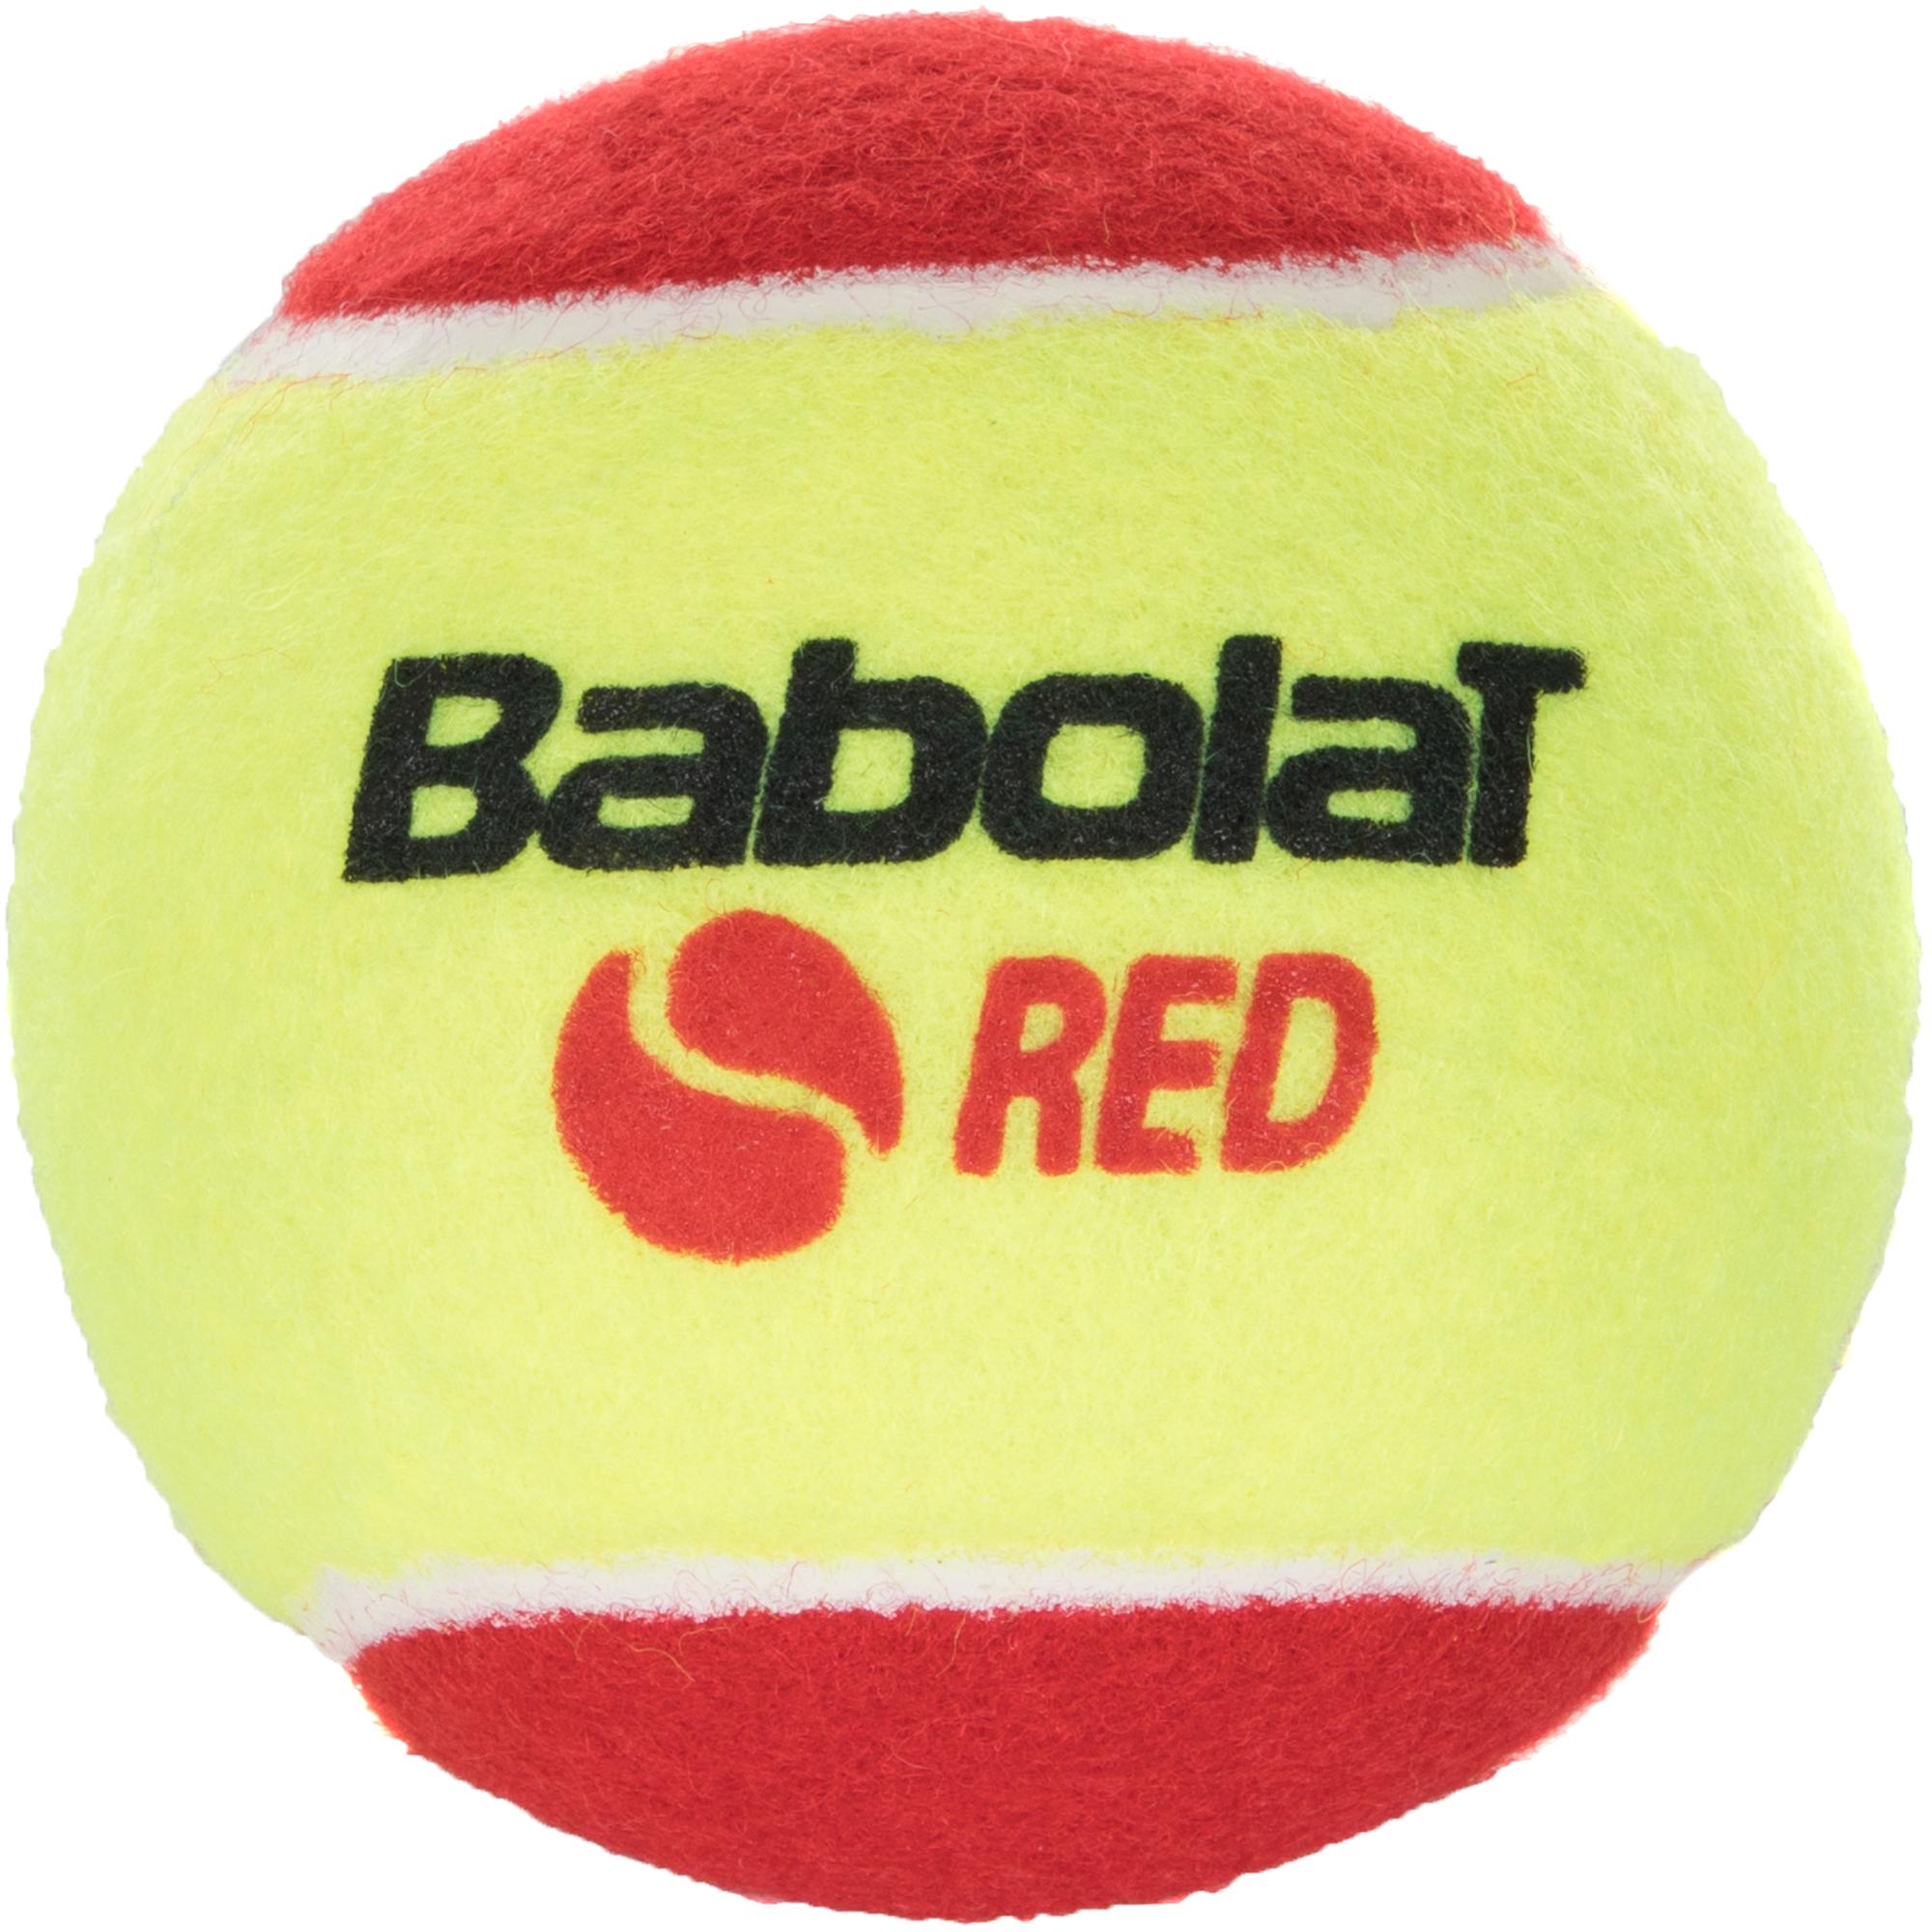 Babolat Набор мячей для большого тенниса Babolat Red Felt X3, размер Без размера babolat футболка мужская babolat perf crew neck tee размер 50